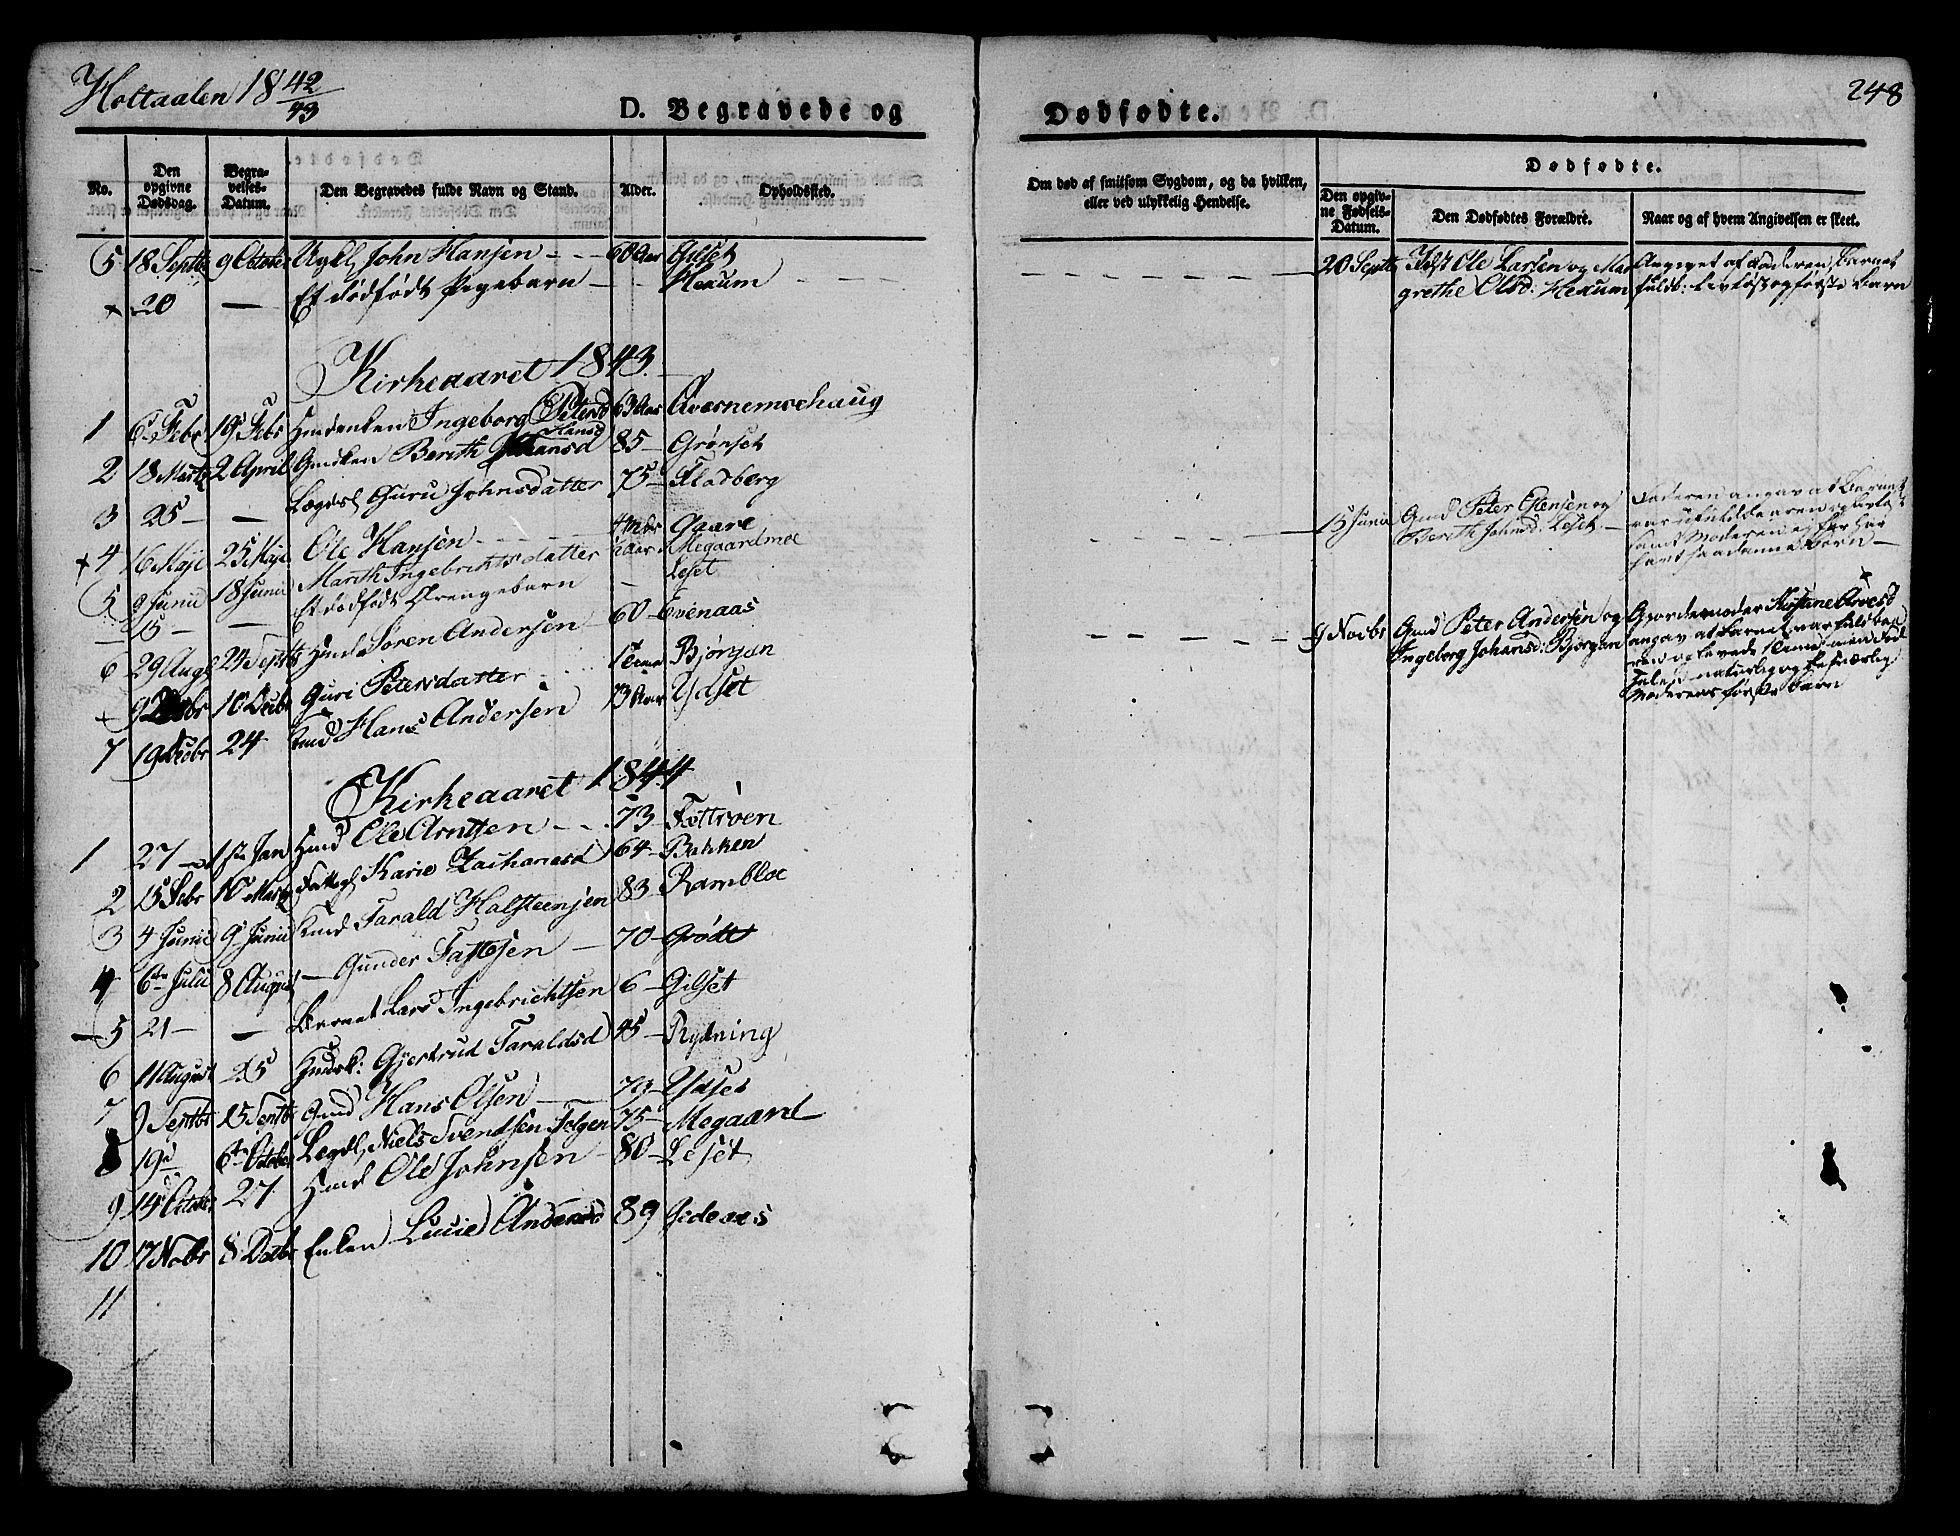 SAT, Ministerialprotokoller, klokkerbøker og fødselsregistre - Sør-Trøndelag, 685/L0960: Ministerialbok nr. 685A05 /1, 1829-1845, s. 248